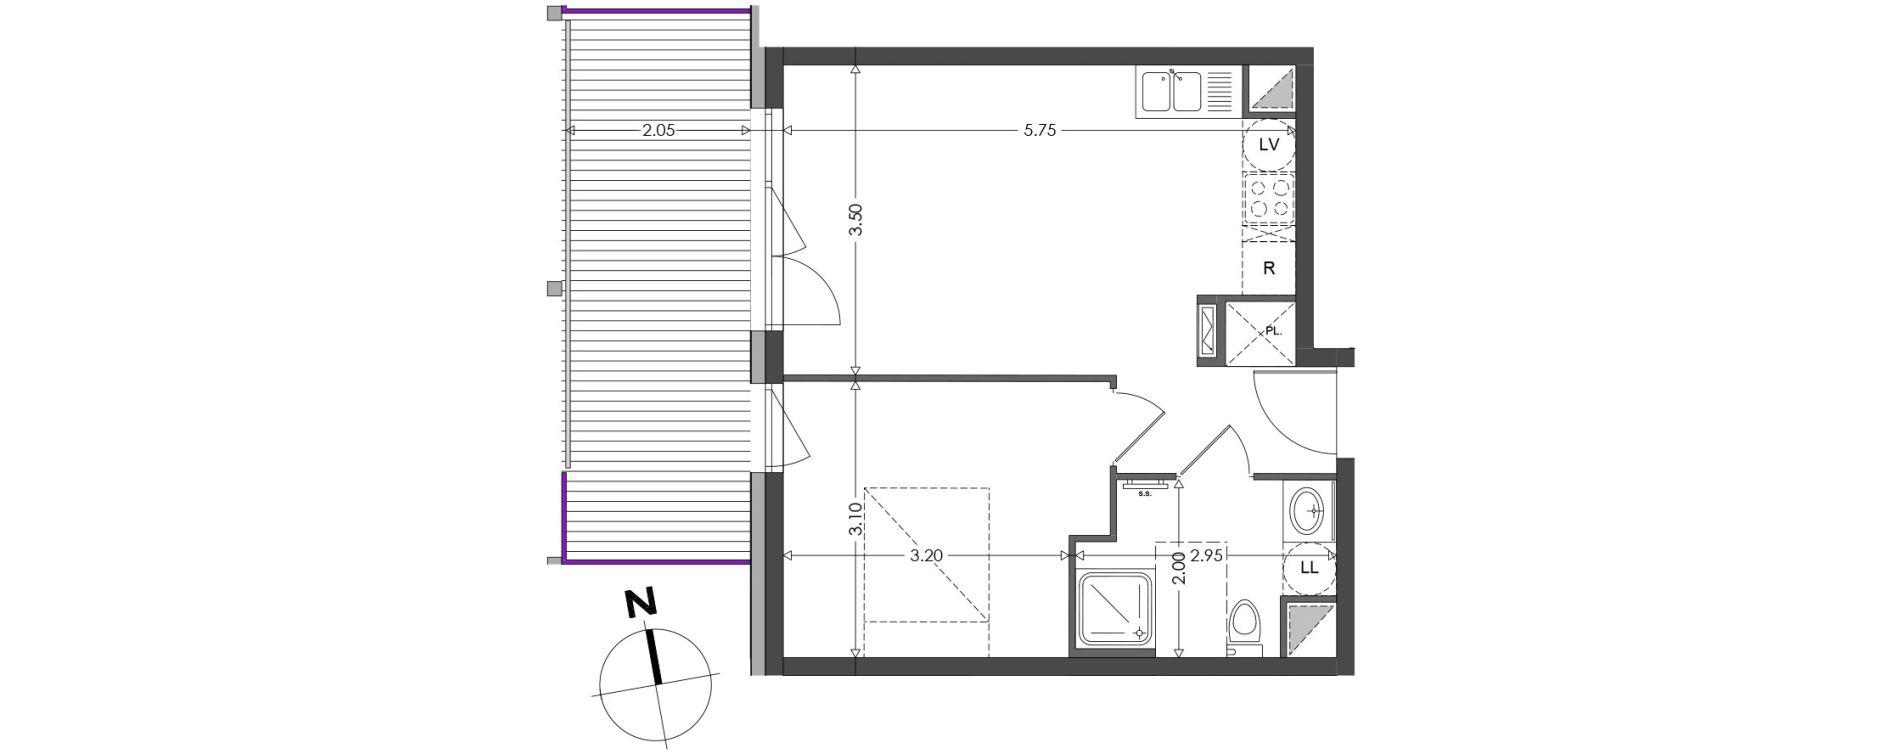 Appartement T2 de 37,80 m2 à Strasbourg Koenigshoffen